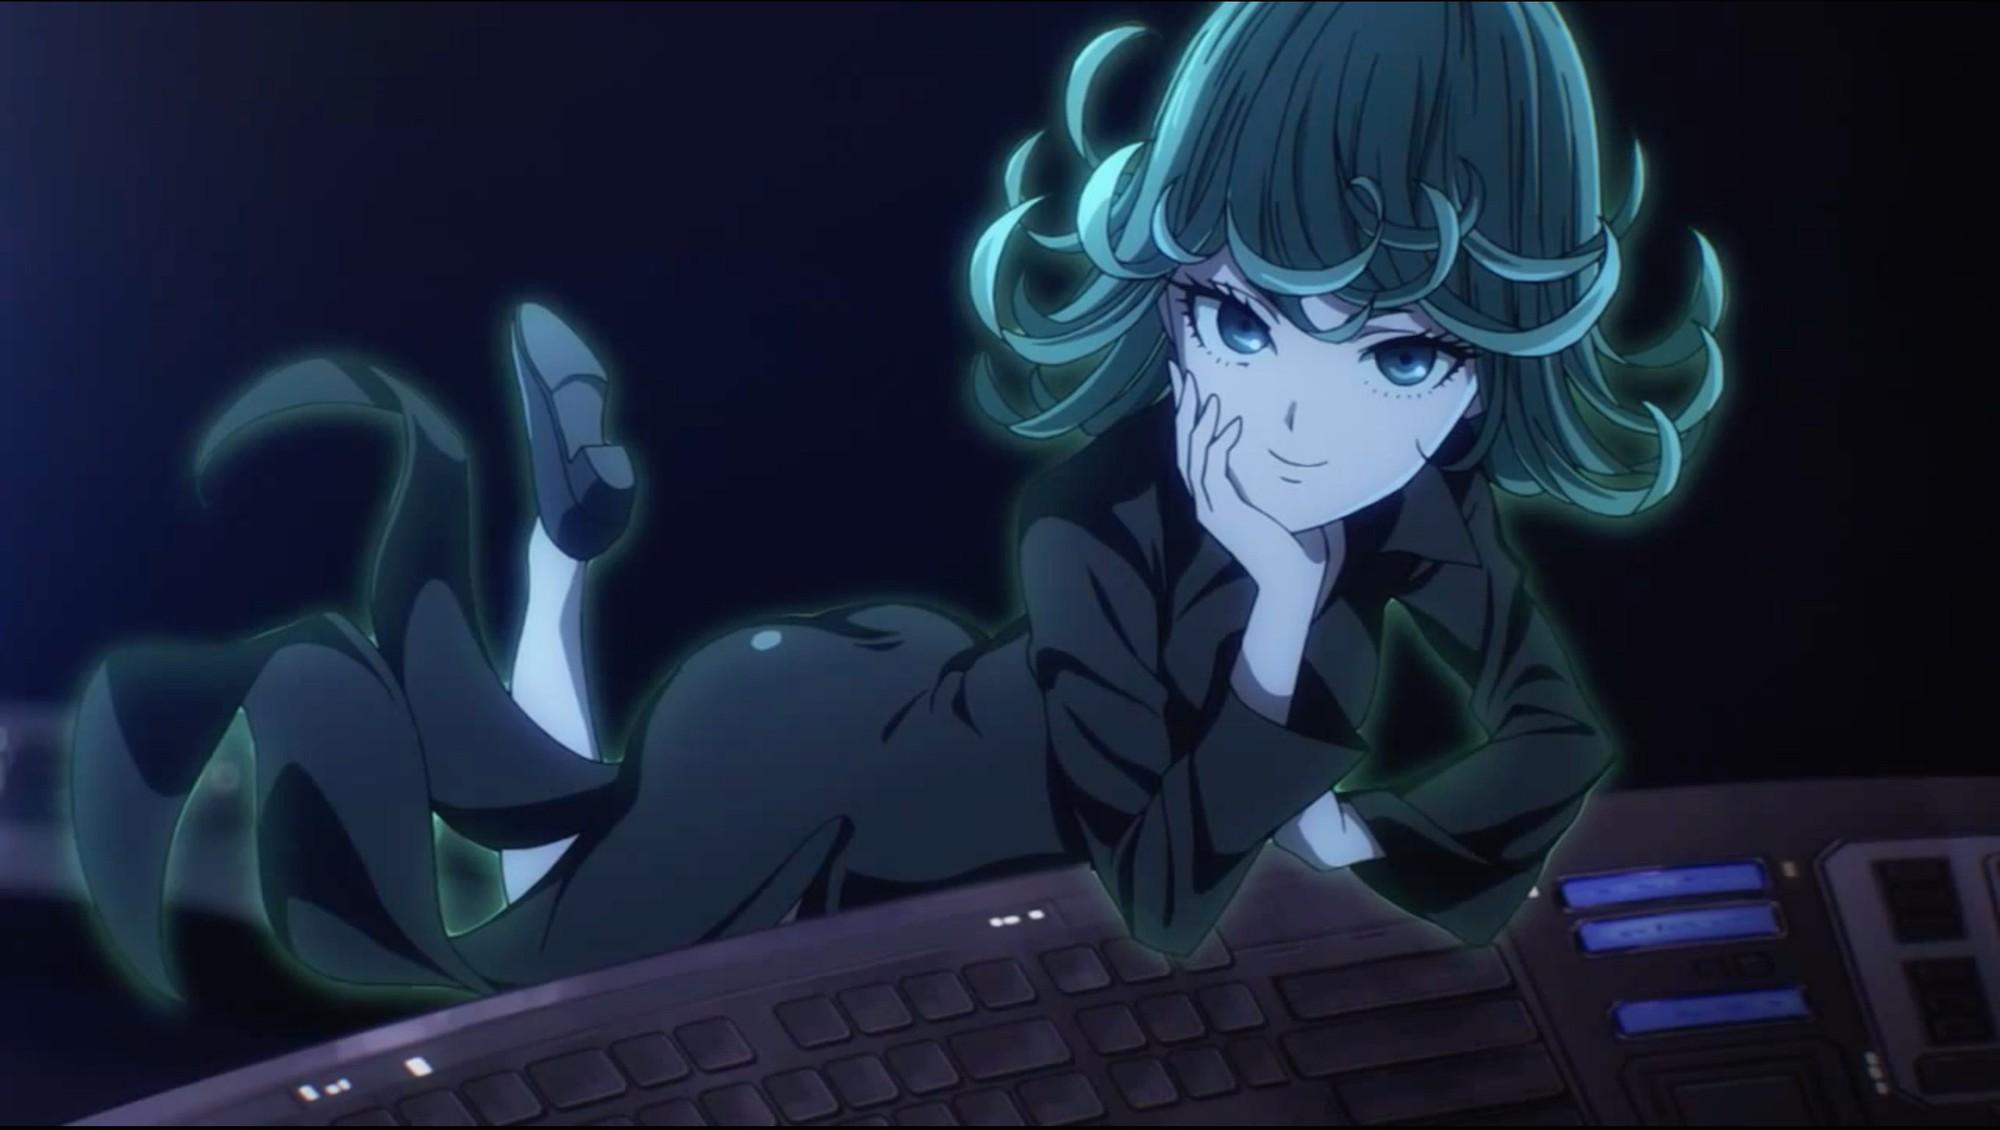 """One Punch Man: Tatsumaki và những thông tin cần biết về """"chị bão ..."""